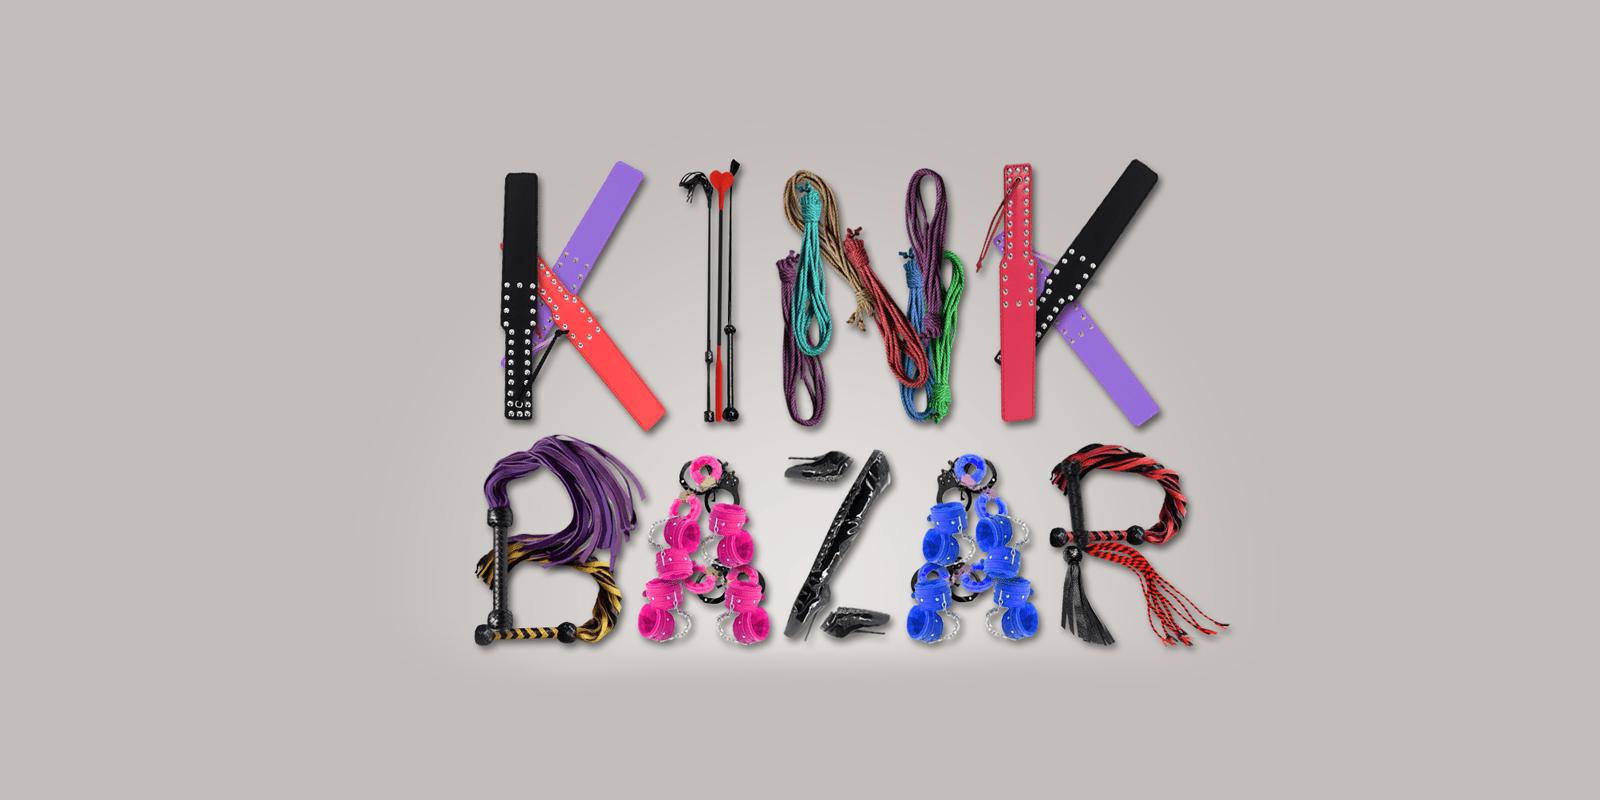 кинкбазар - ярмарка кинки товаров